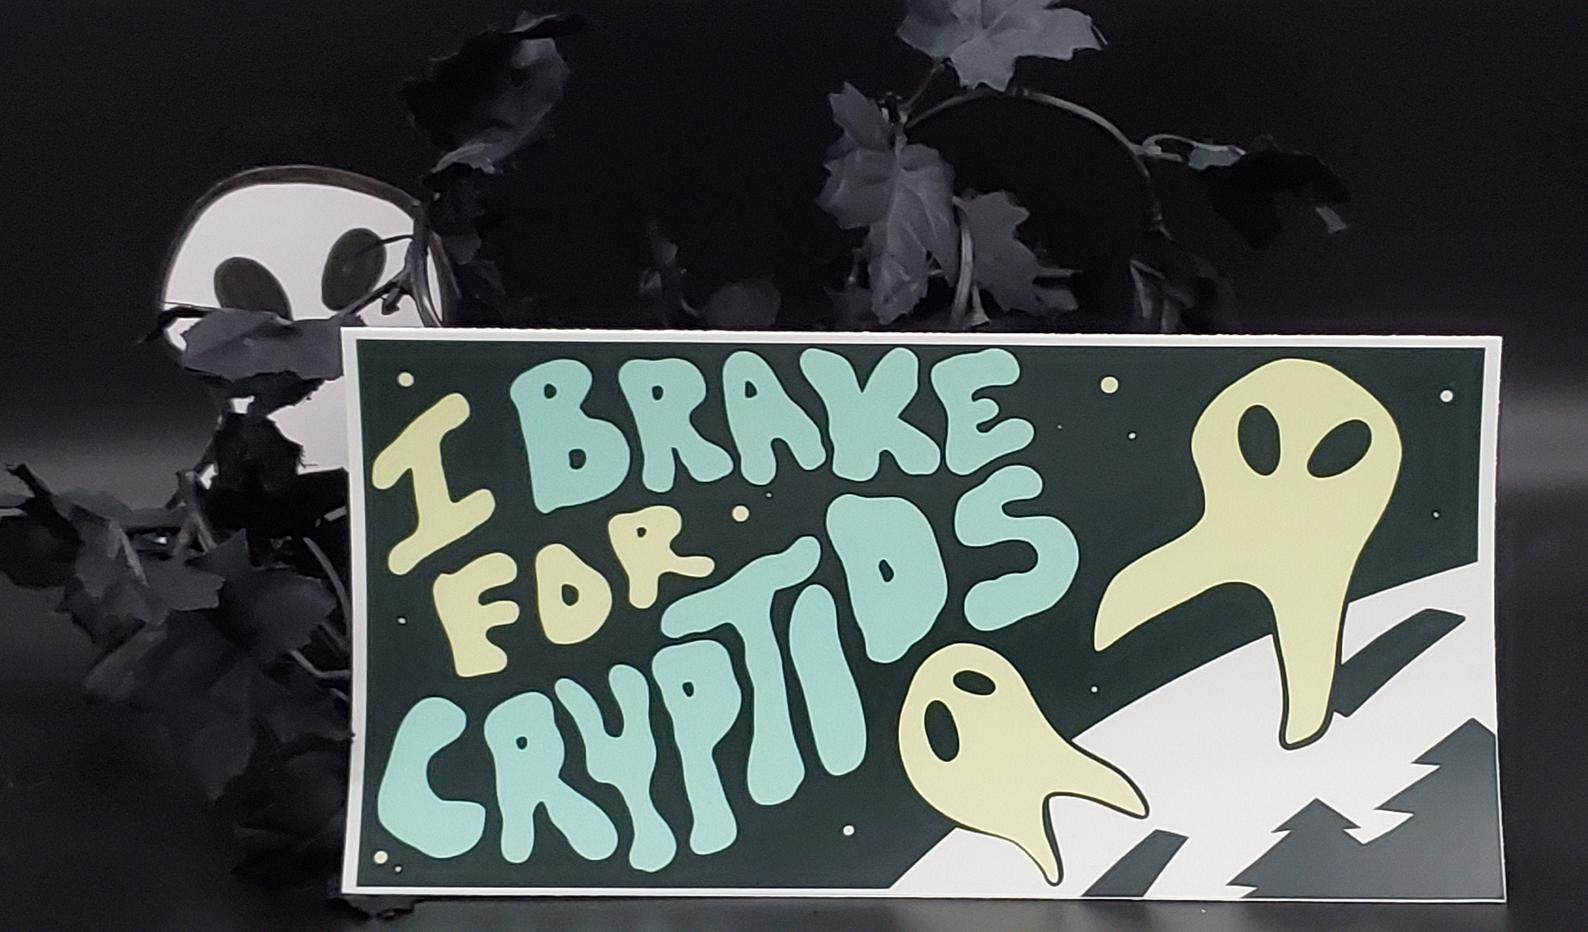 I Brake For Cryptids Vinyl Bumper Sticker Etsy Vinyl Bumper Stickers Bumper Stickers Vinyl [ 932 x 1588 Pixel ]